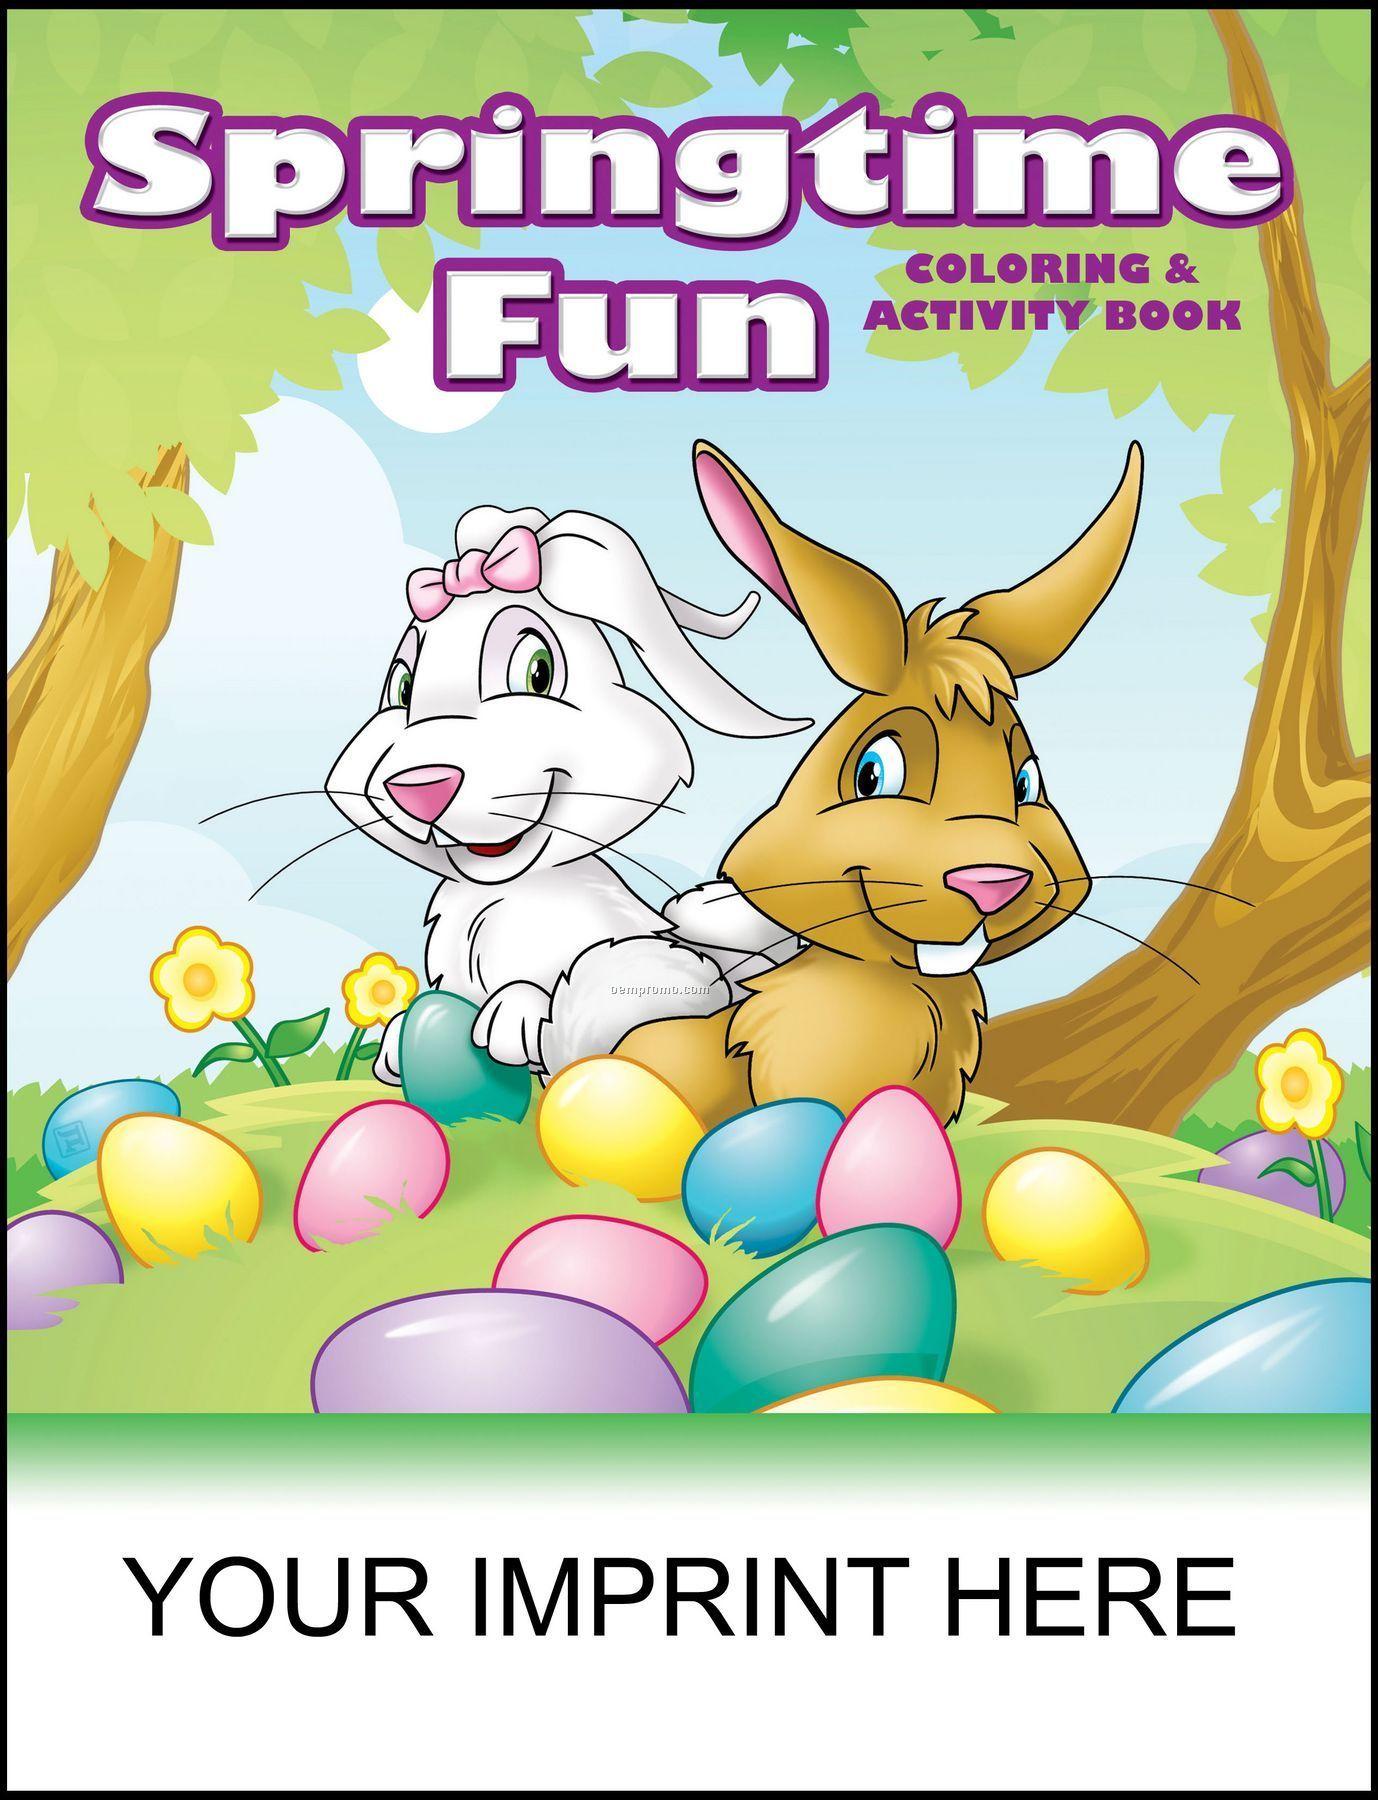 Springtime Fun Coloring & Activity Book